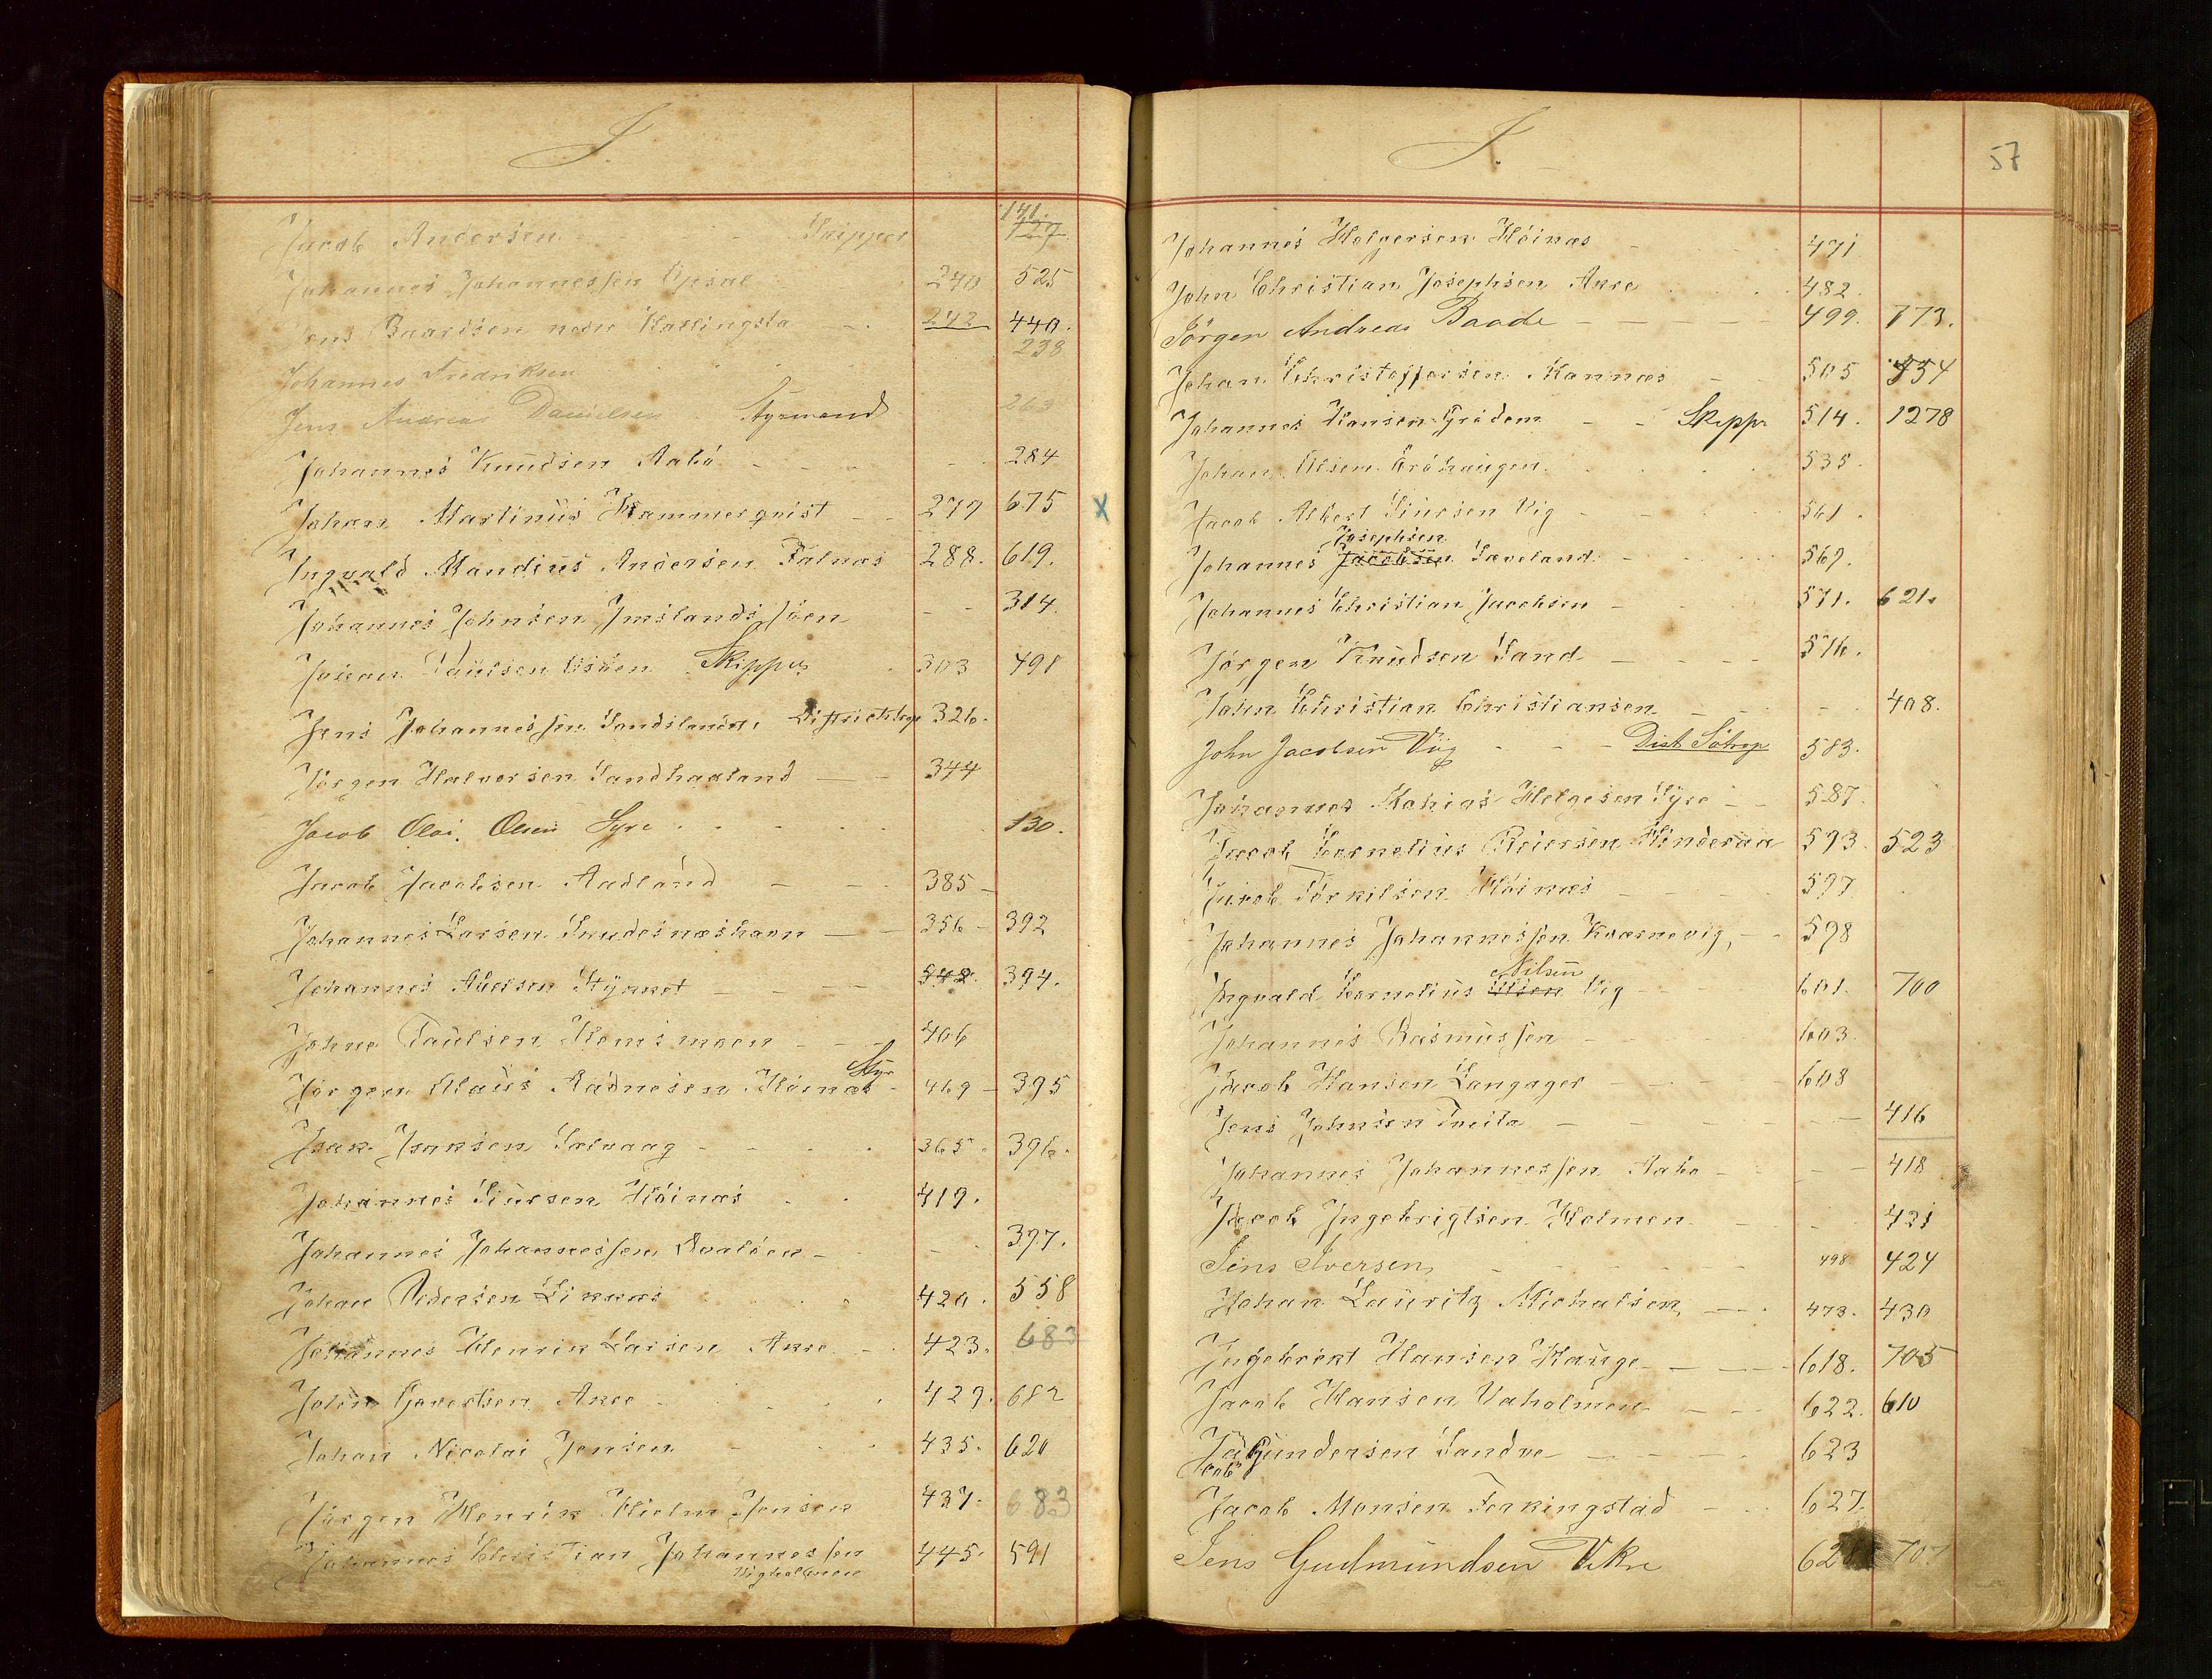 SAST, Haugesund sjømannskontor, F/Fb/Fba/L0003: Navneregister med henvisning til rullenummer (fornavn) Haugesund krets, 1860-1948, s. 57